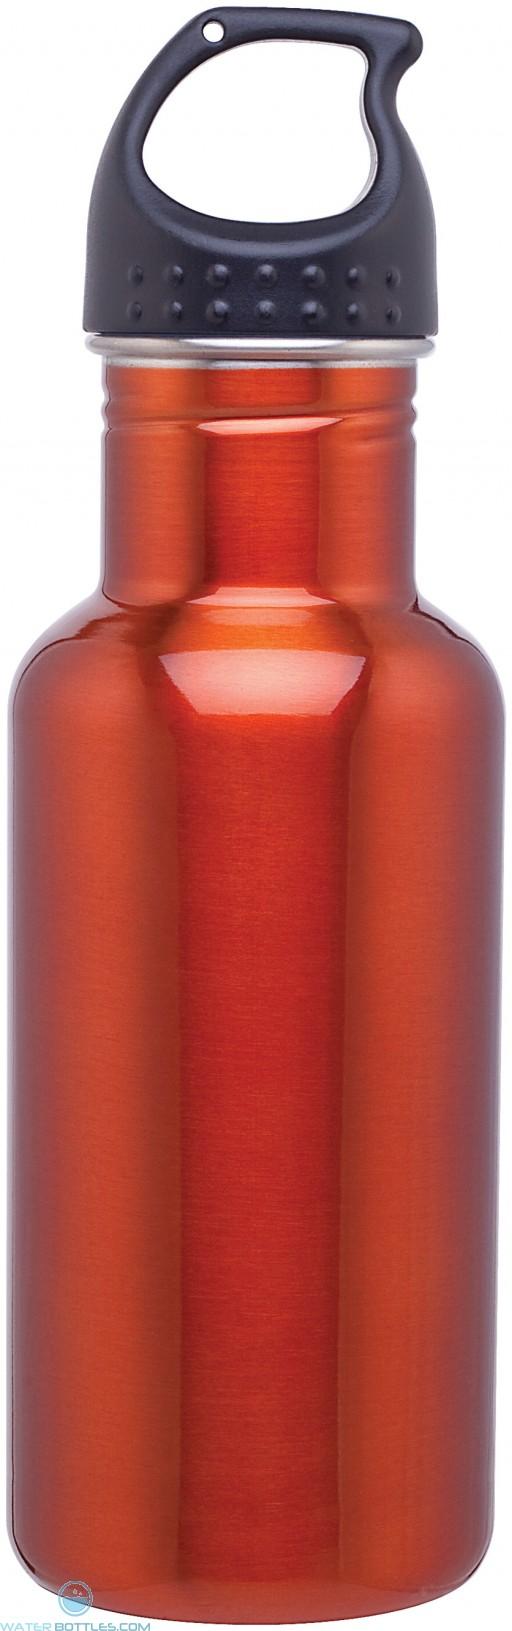 H2Go Stainless Steel Bolt   18 oz - Orange